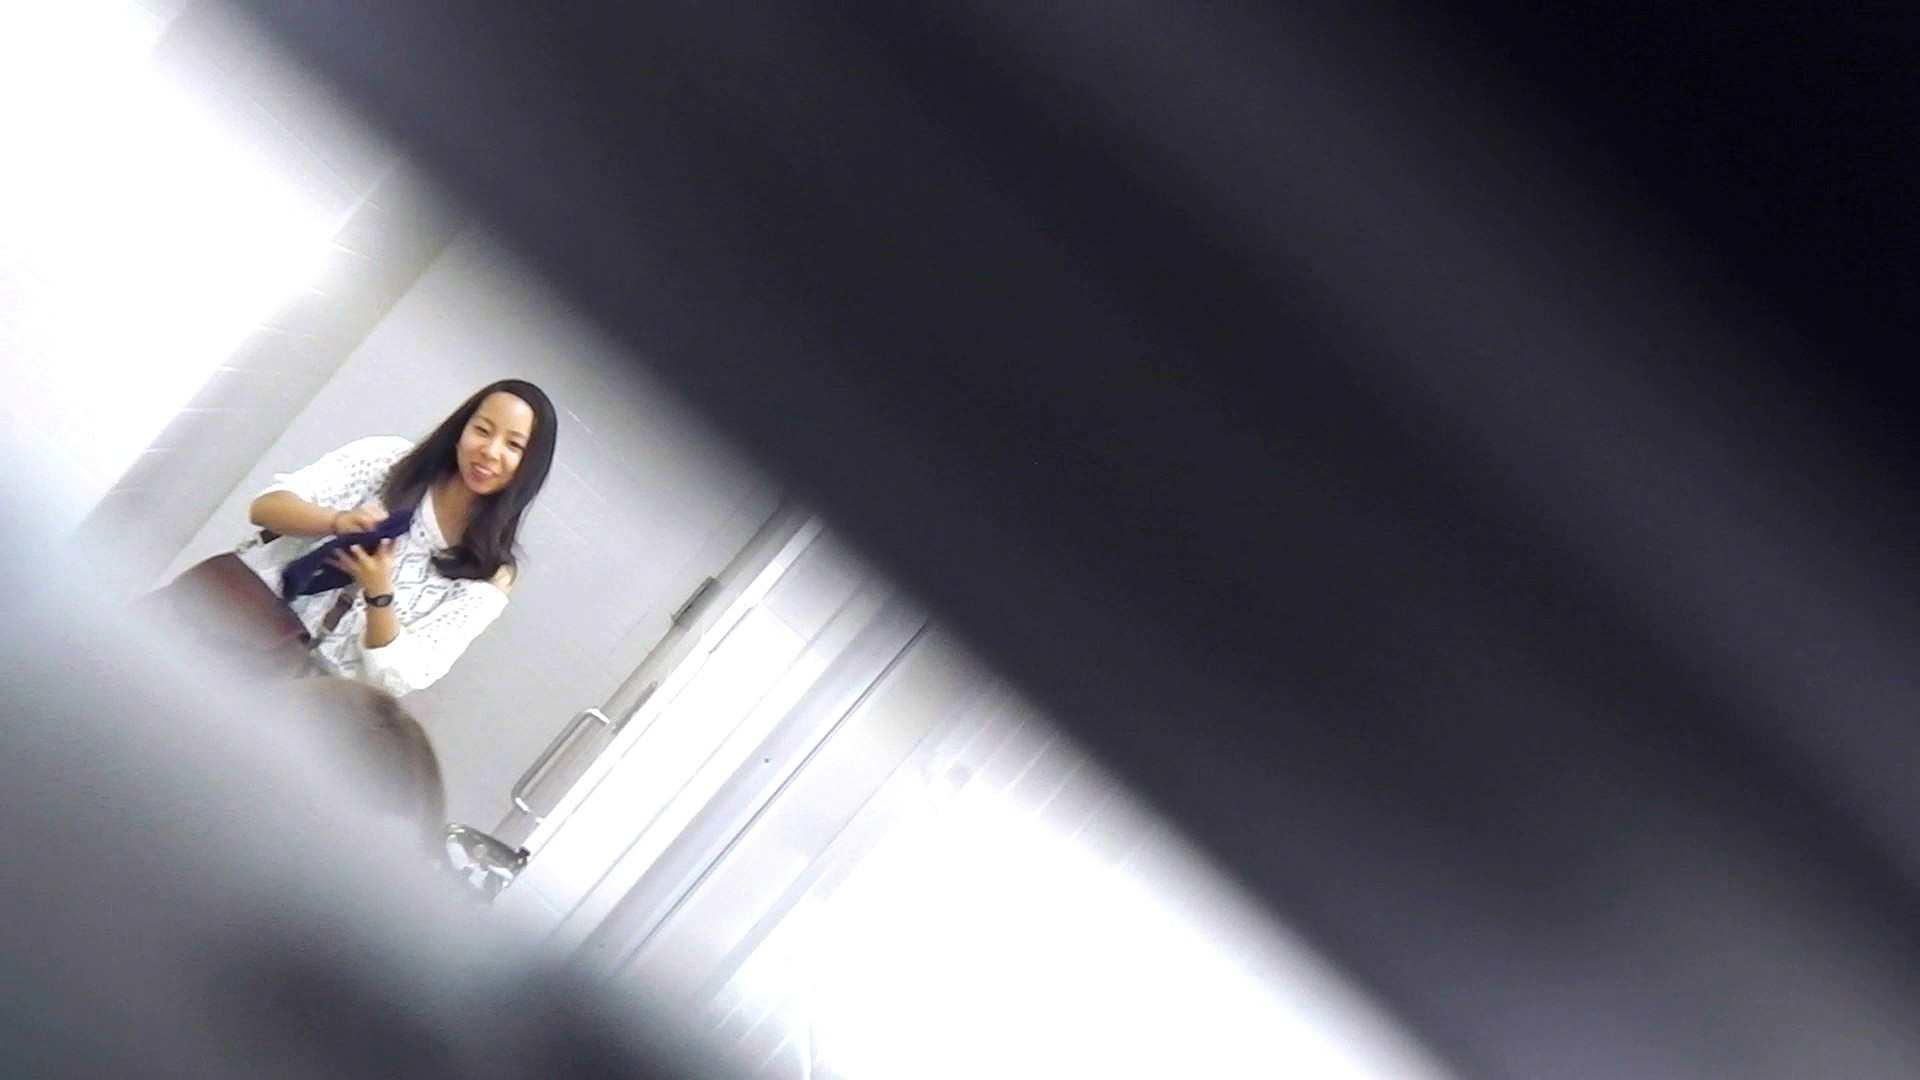 お銀さんの「洗面所突入レポート!!」Nol.3 洗面所のぞき AV無料動画キャプチャ 109枚 76